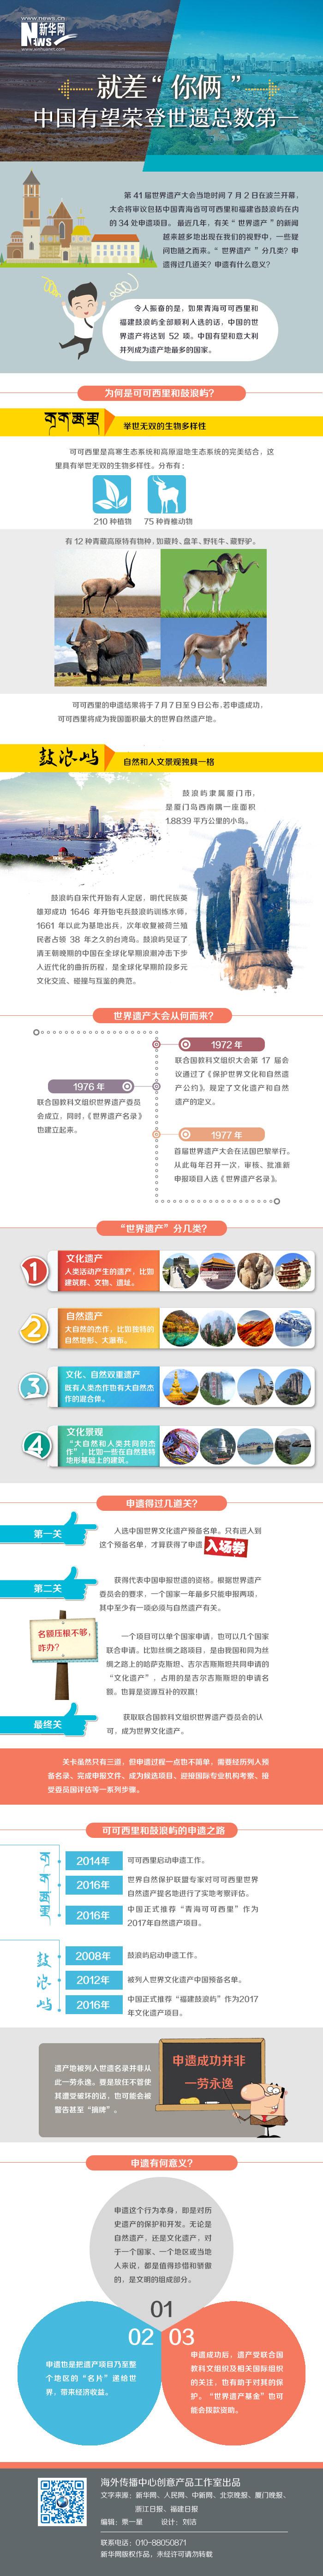 就差你俩!中国有望荣登世遗总数第1(图)